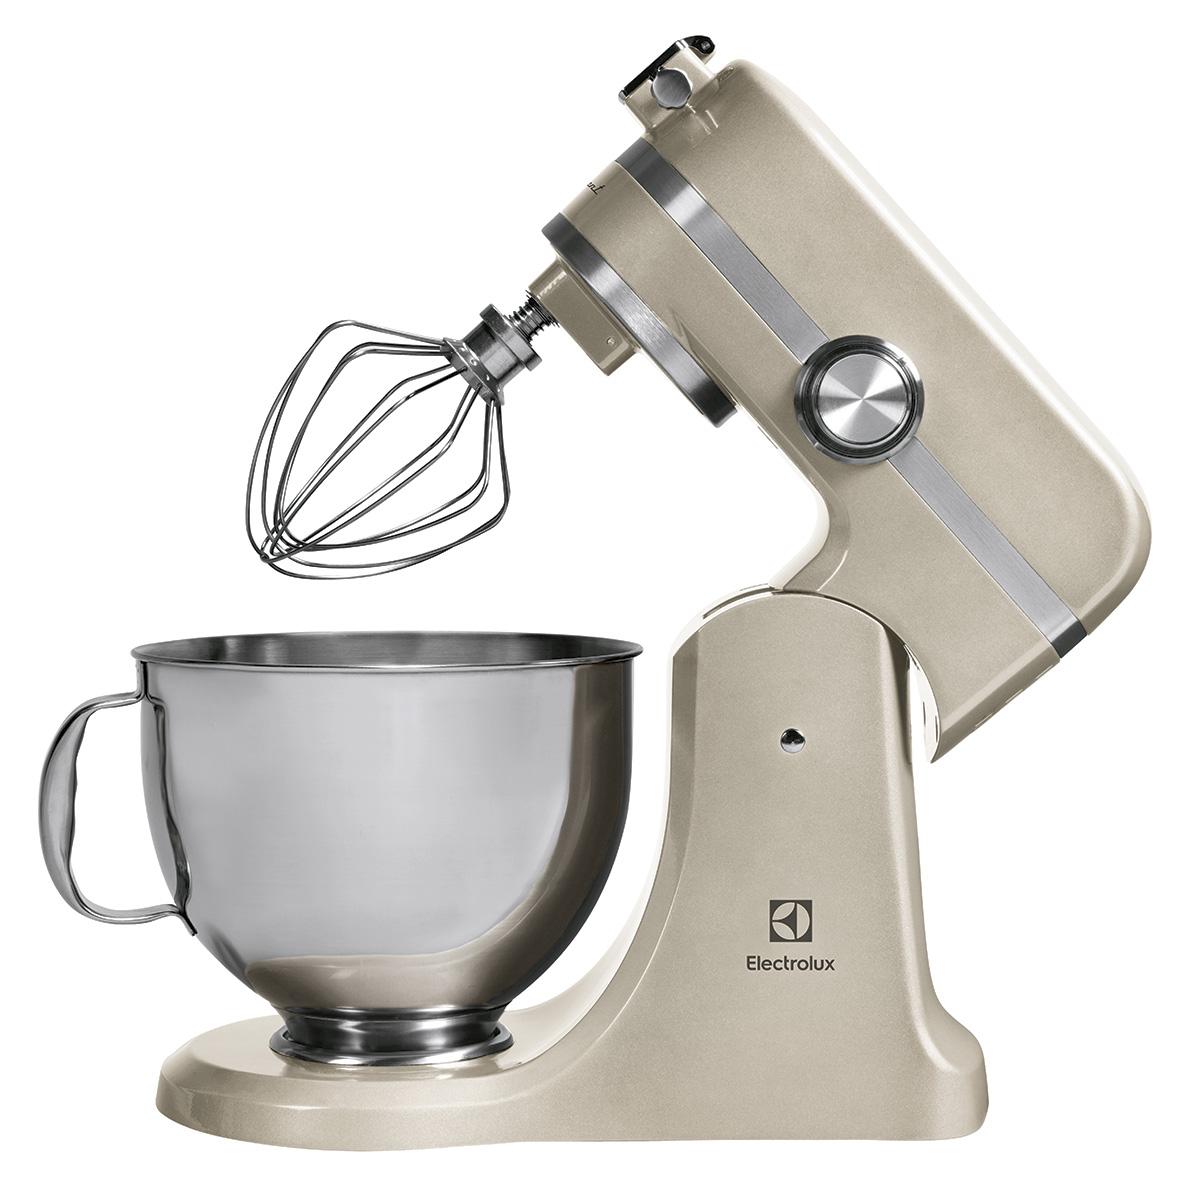 Electrolux køkkenmaskine - Assistent - Champagne gold